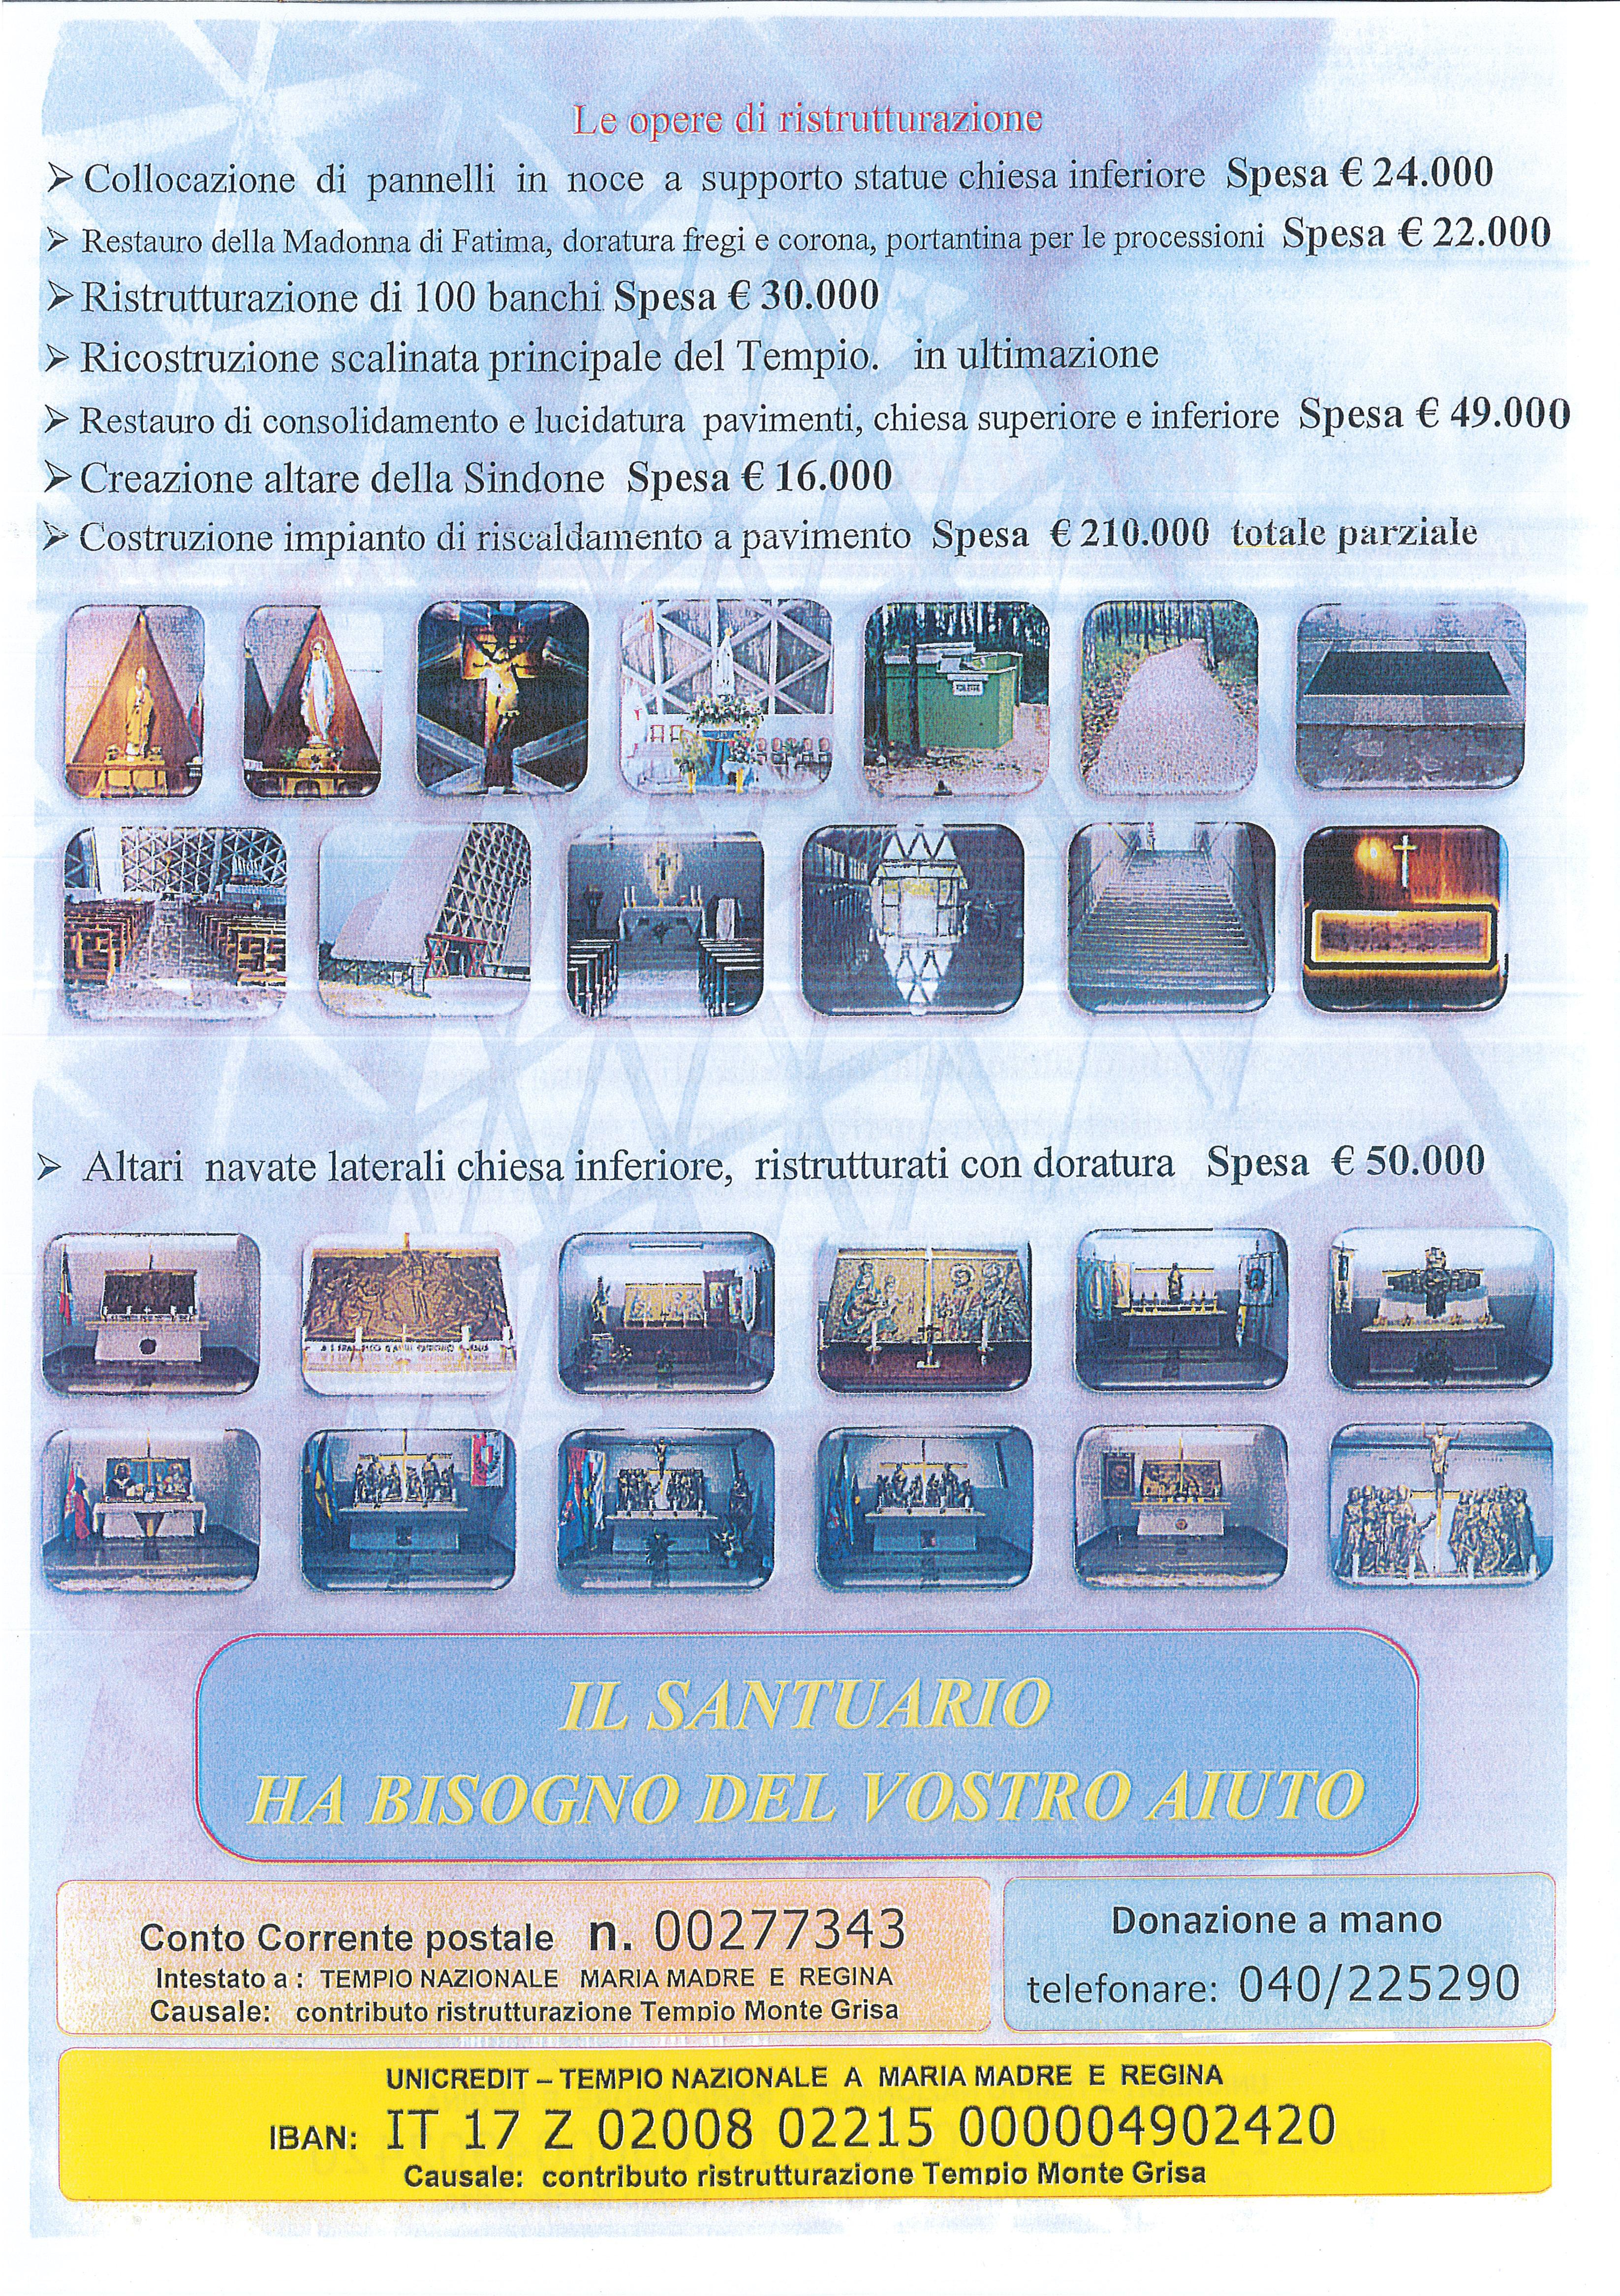 Donazioni tempio nazionale a maria madre e regina di for Causale bonifico ristrutturazione 2017